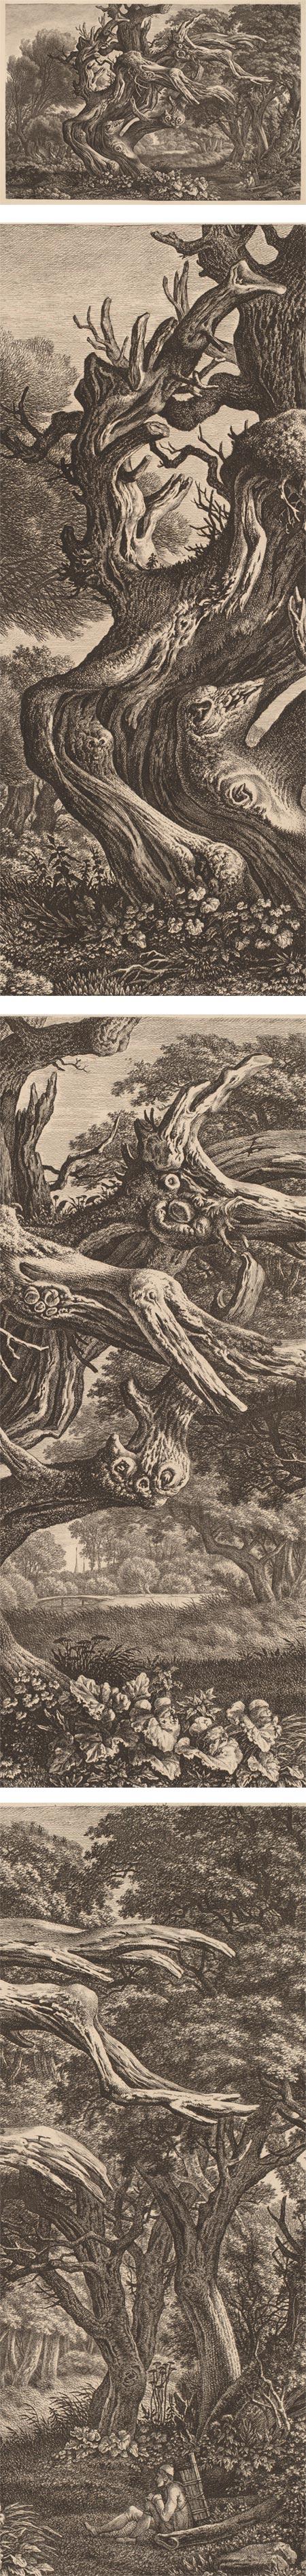 Dead Oak Tree, Carl Wihelm Kolbe, etching